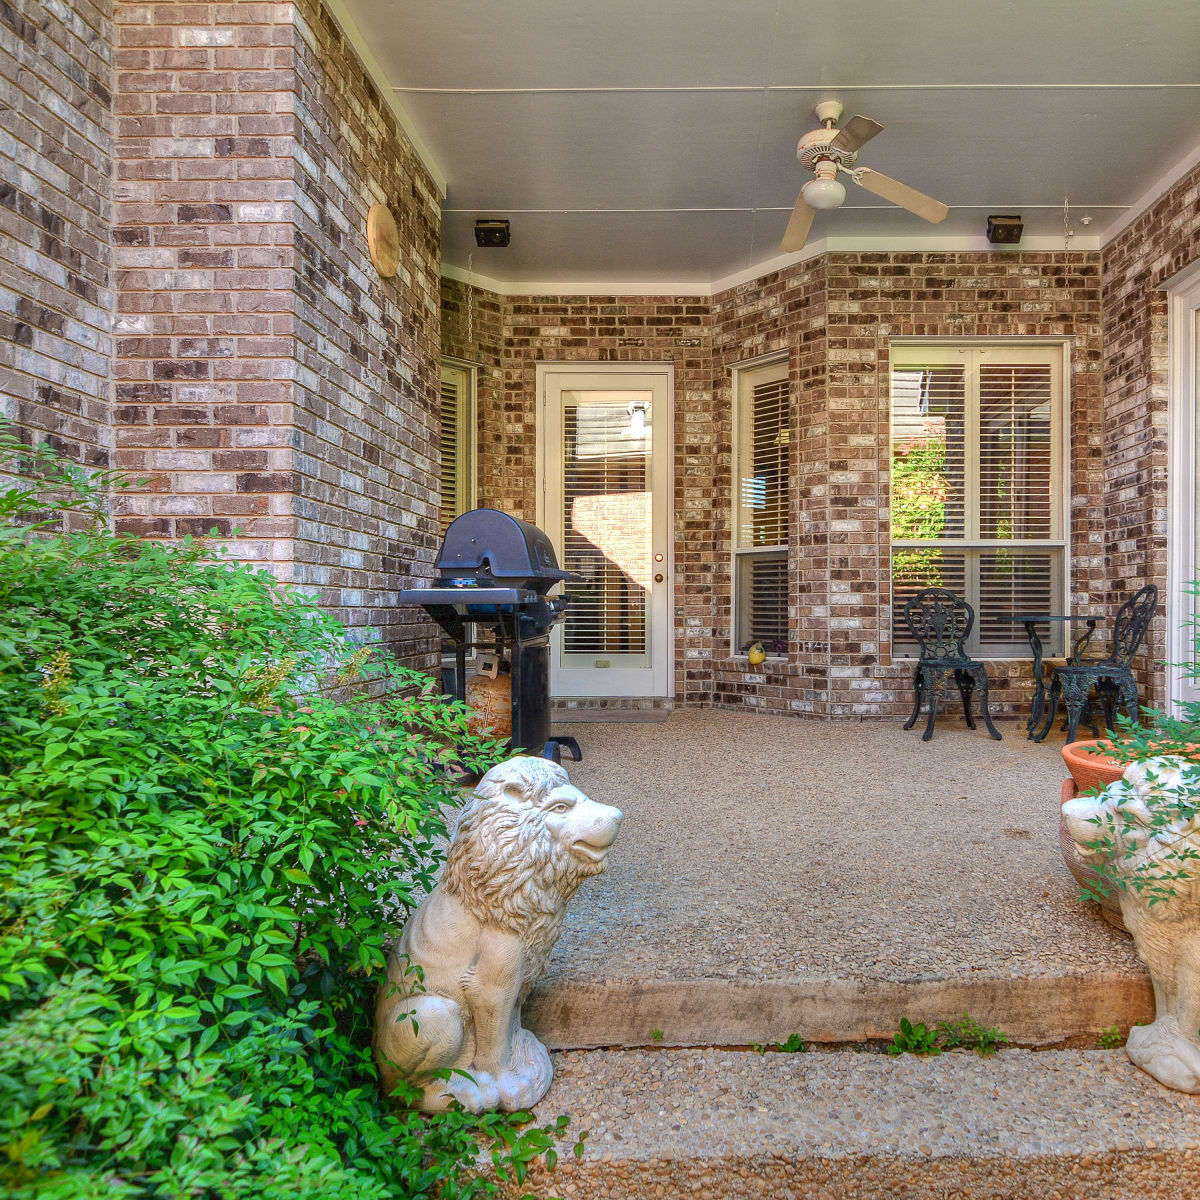 San Antonio house_5 Somerset Arms